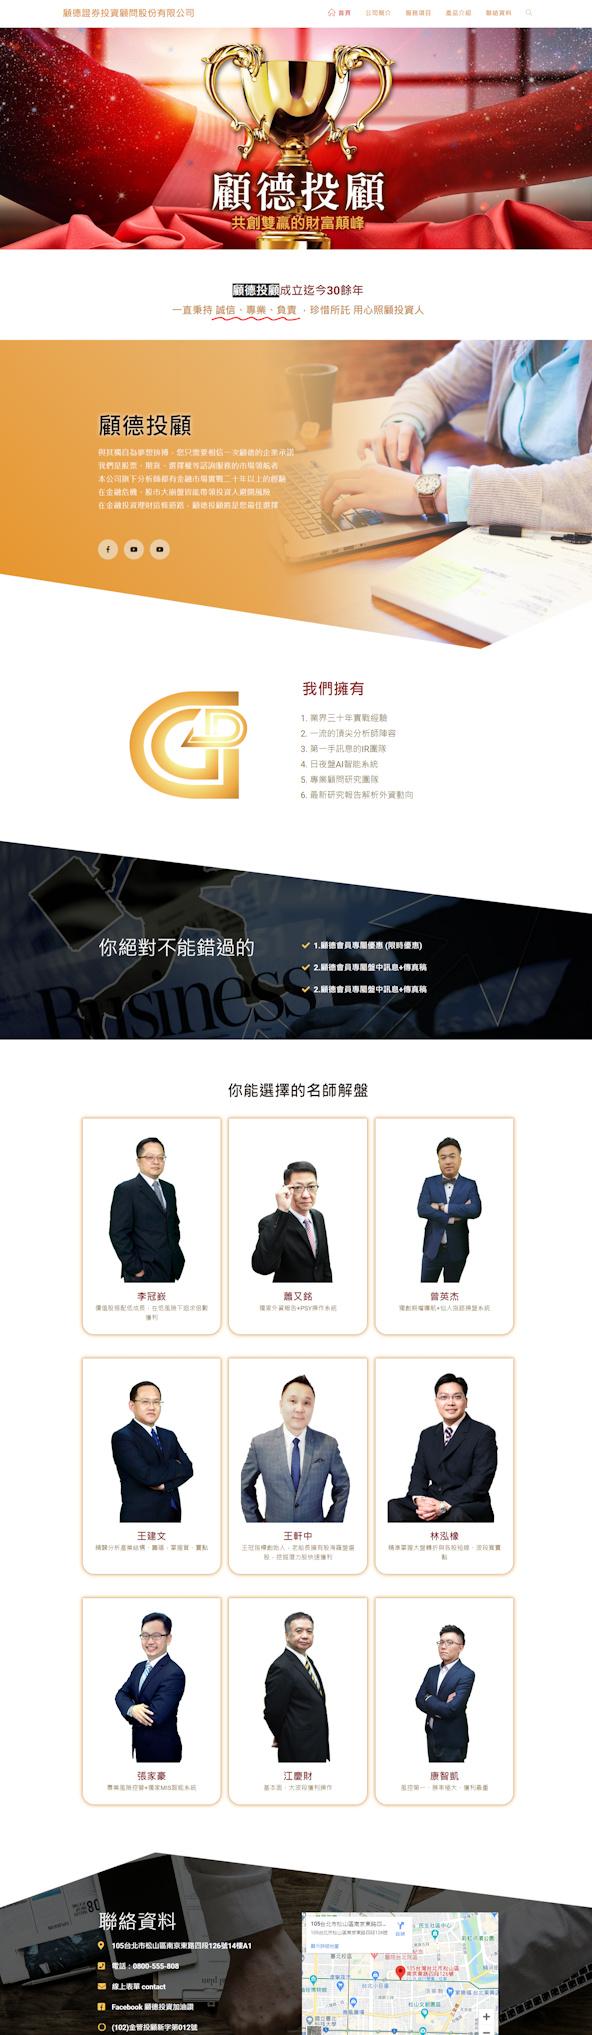 網頁設計-顧德投顧2